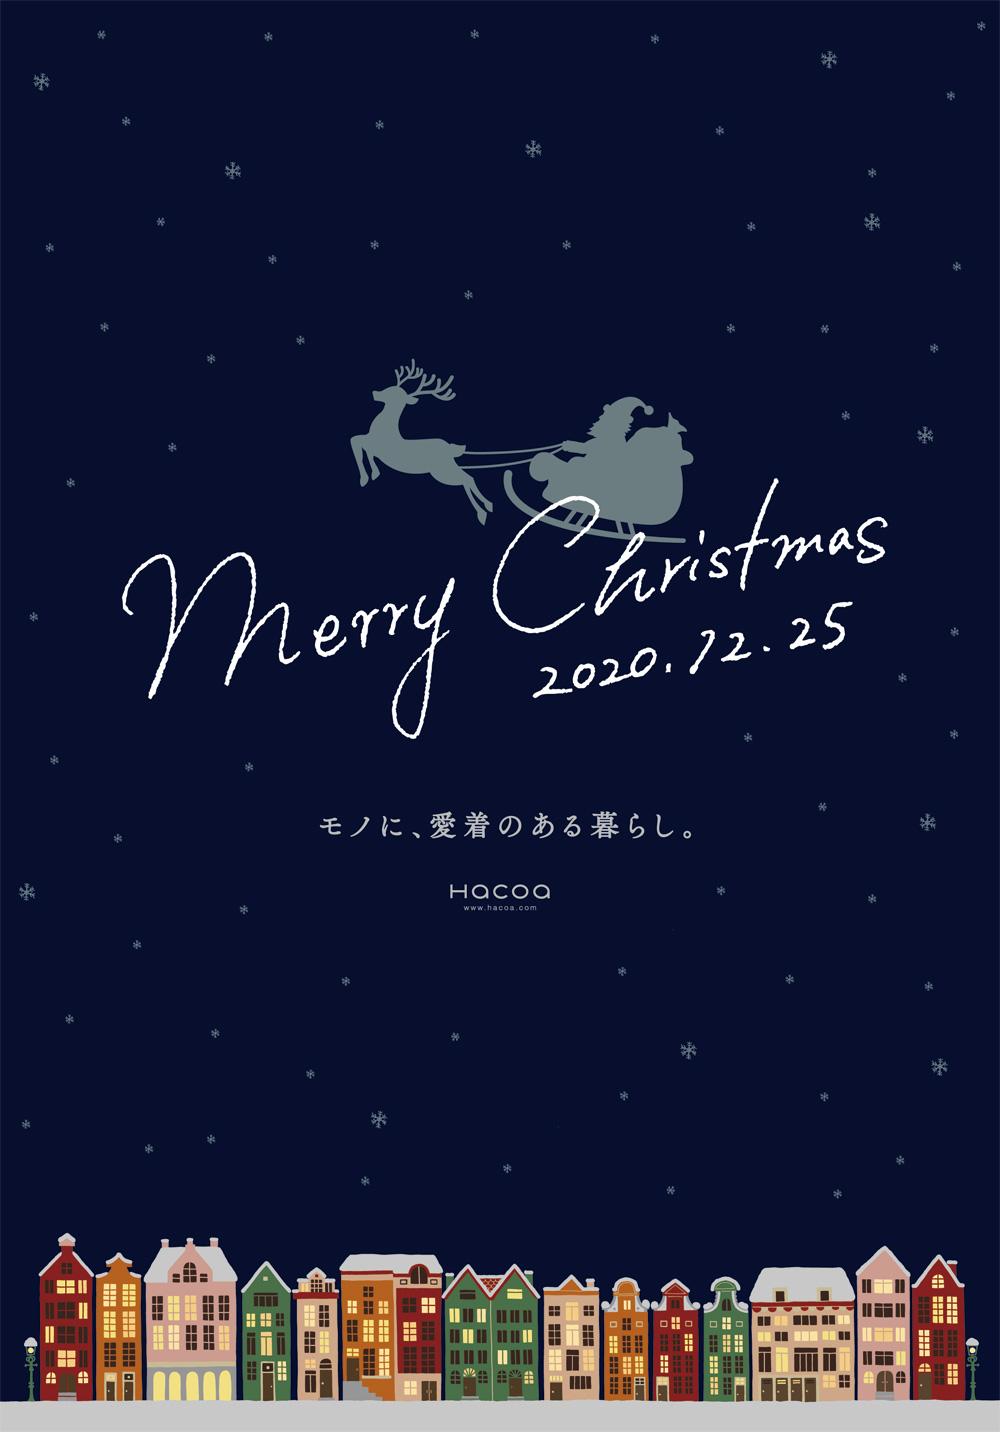 Hacoa クリスマスギフト2020